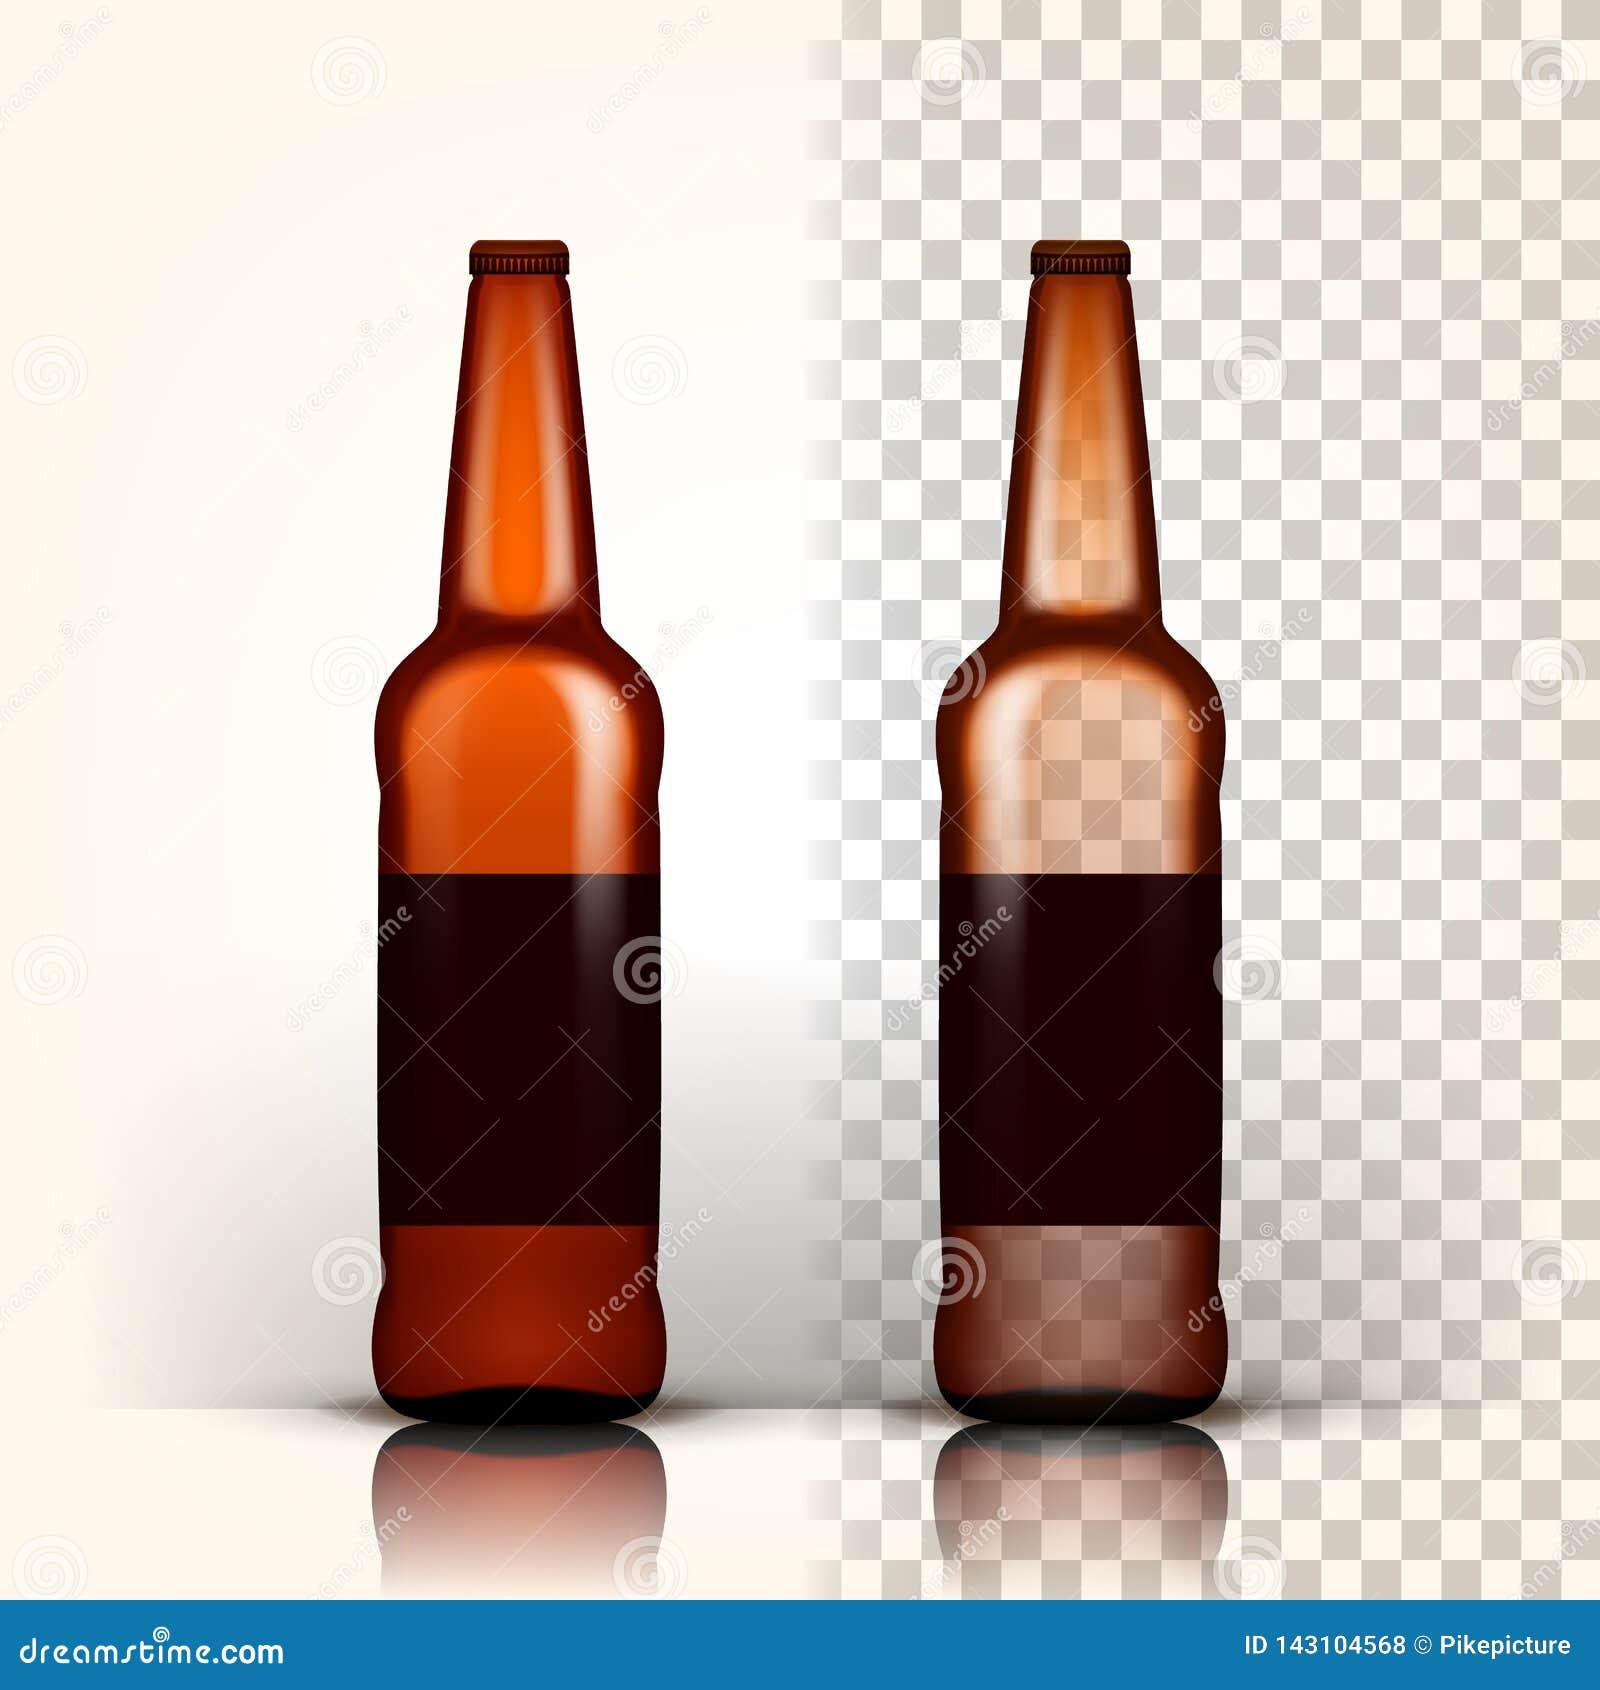 Вектор пивной бутылки Упаковка продукта brougham Реклама дизайна прозрачная изолированная реалистическая иллюстрация 3D